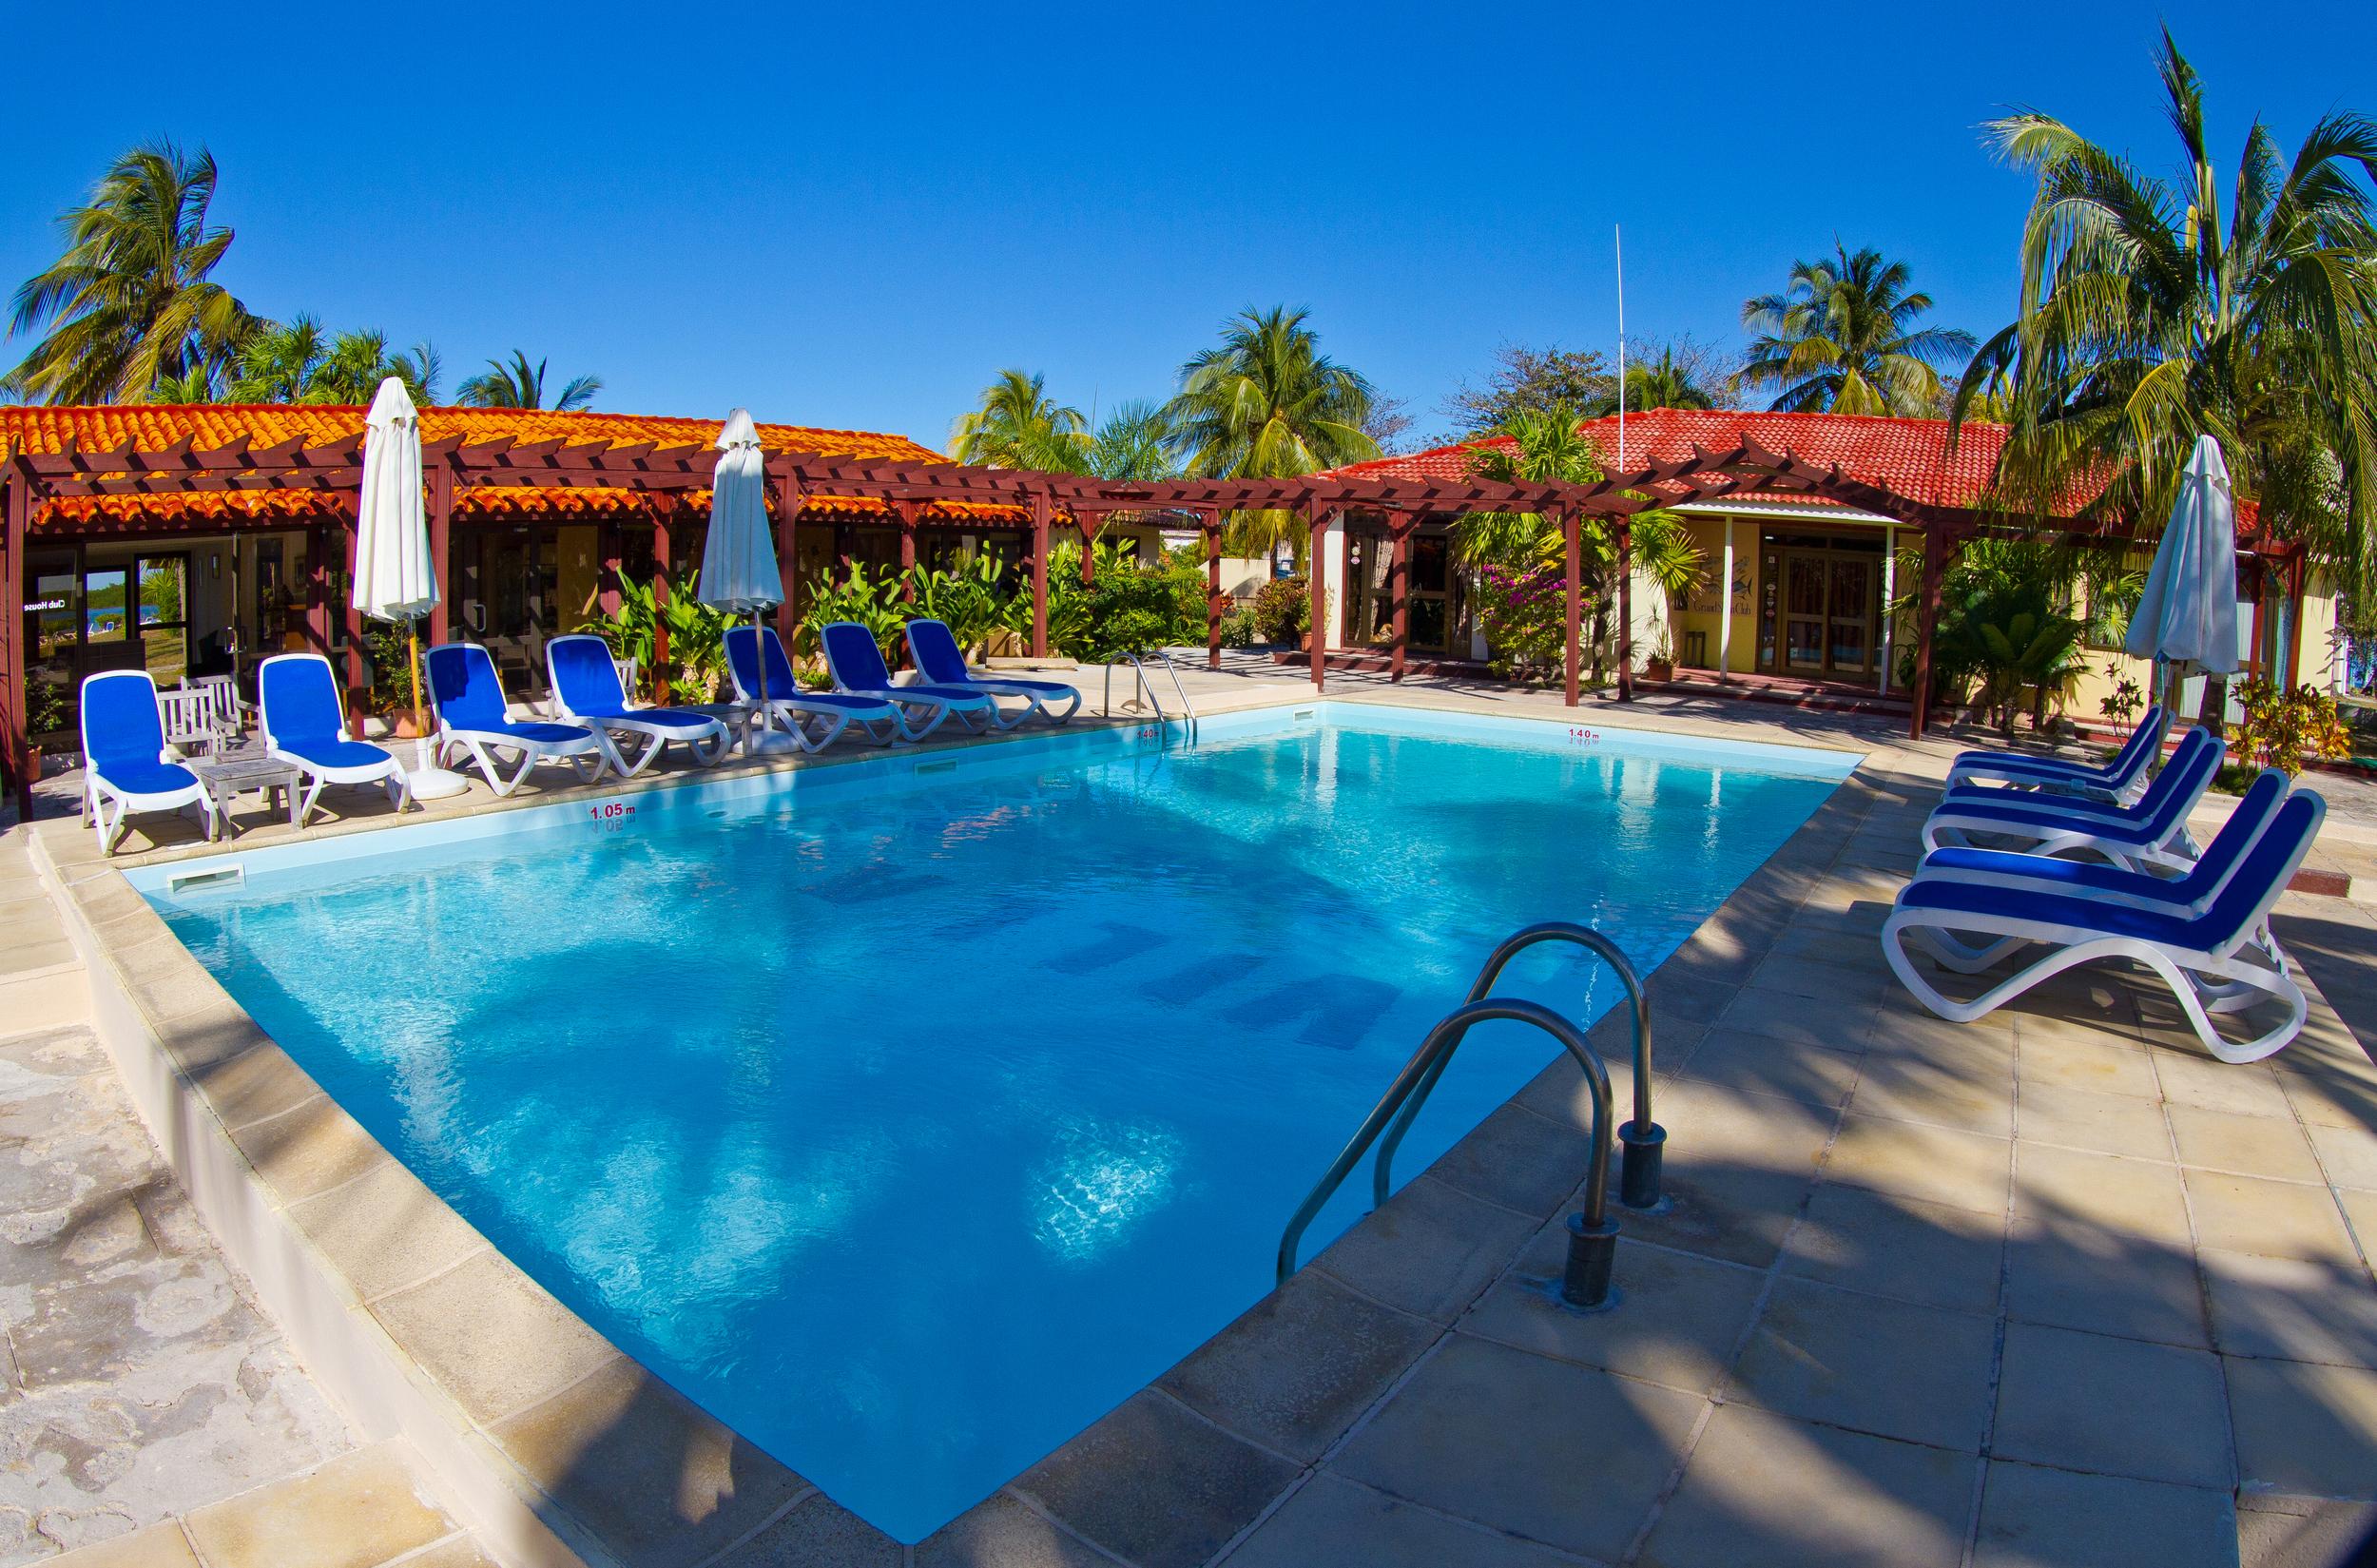 Quaint area around the pool